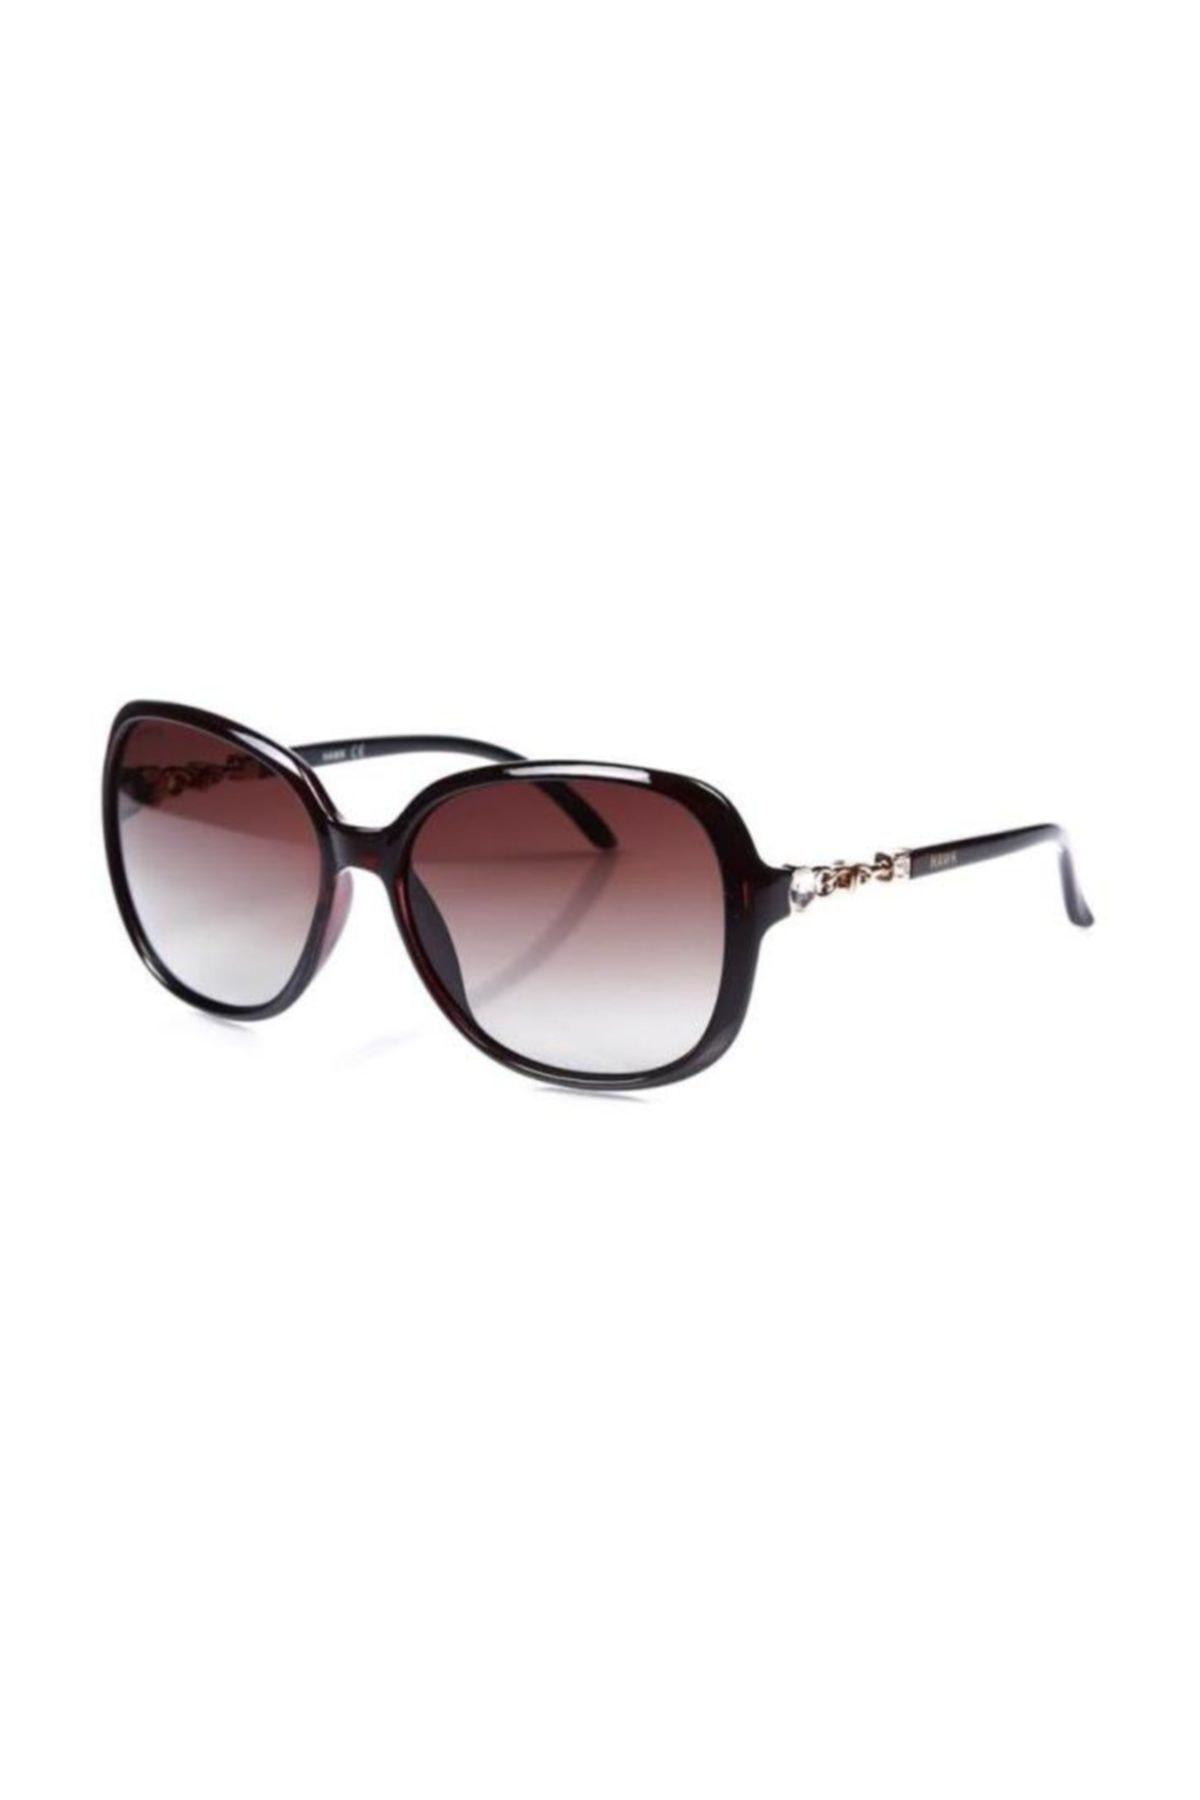 فروش عینک آفتابی جدید برند HAWK رنگ قهوه ای کد ty4896937